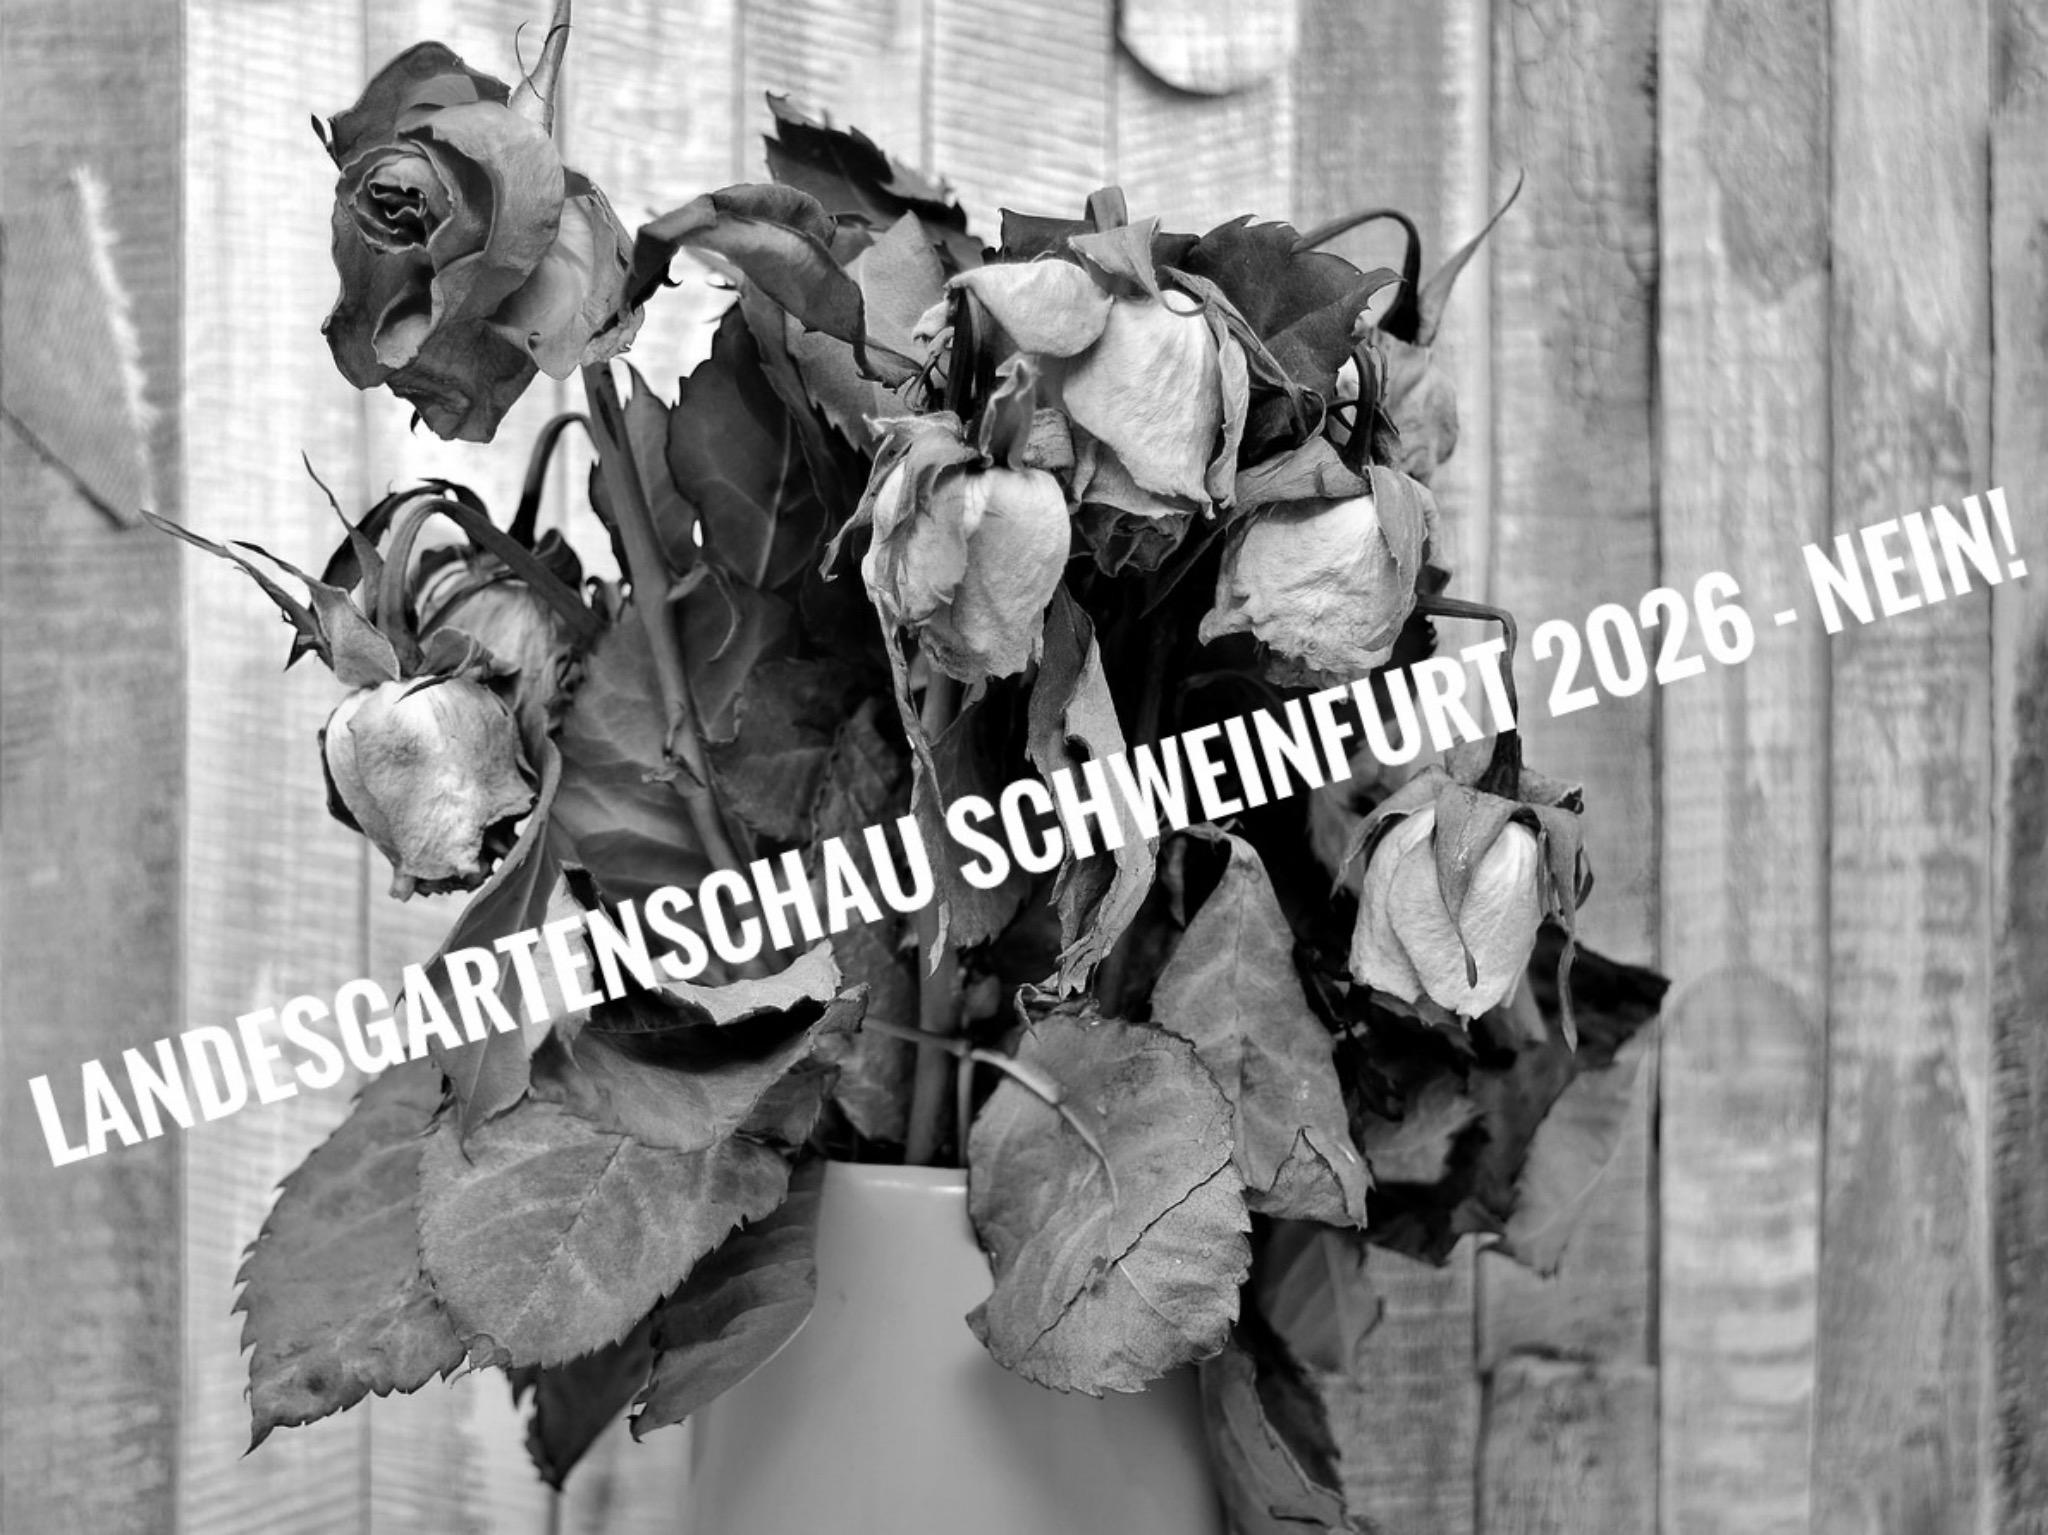 Zu hohes finanzielles Risiko zu Zeiten der Pandemie: Die Gegner einer Landesgartenschau 2026 in Schweinfurt formieren sich zu einer Bürgerinitiative gegen das städtische Großprojekt. Foto: BI